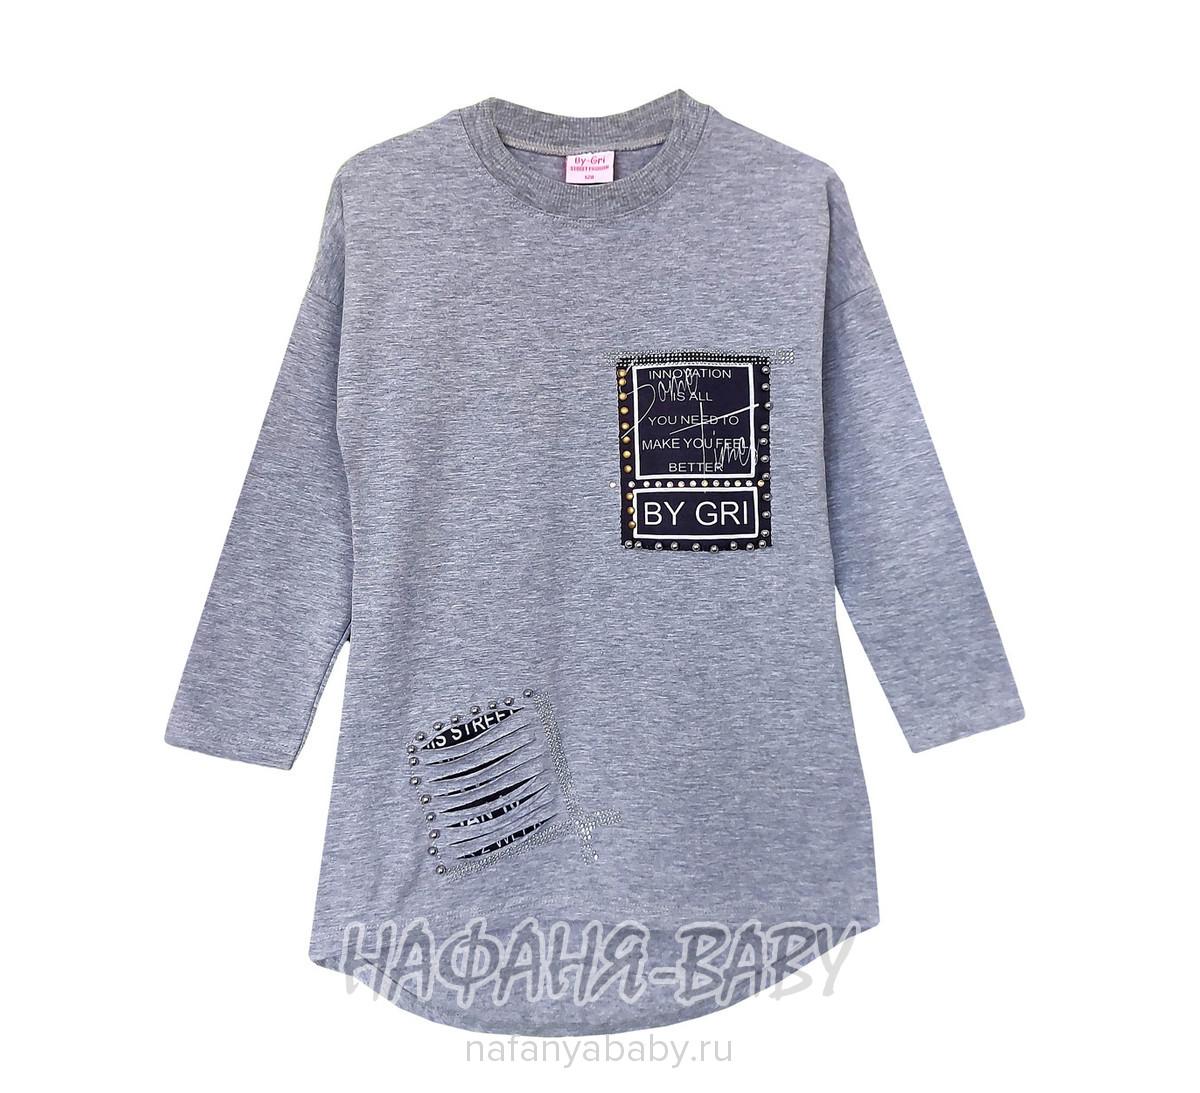 Детская трикотажная туника BY GRI арт: 13650, 10-15 лет, 5-9 лет, цвет серый меланж, оптом Турция